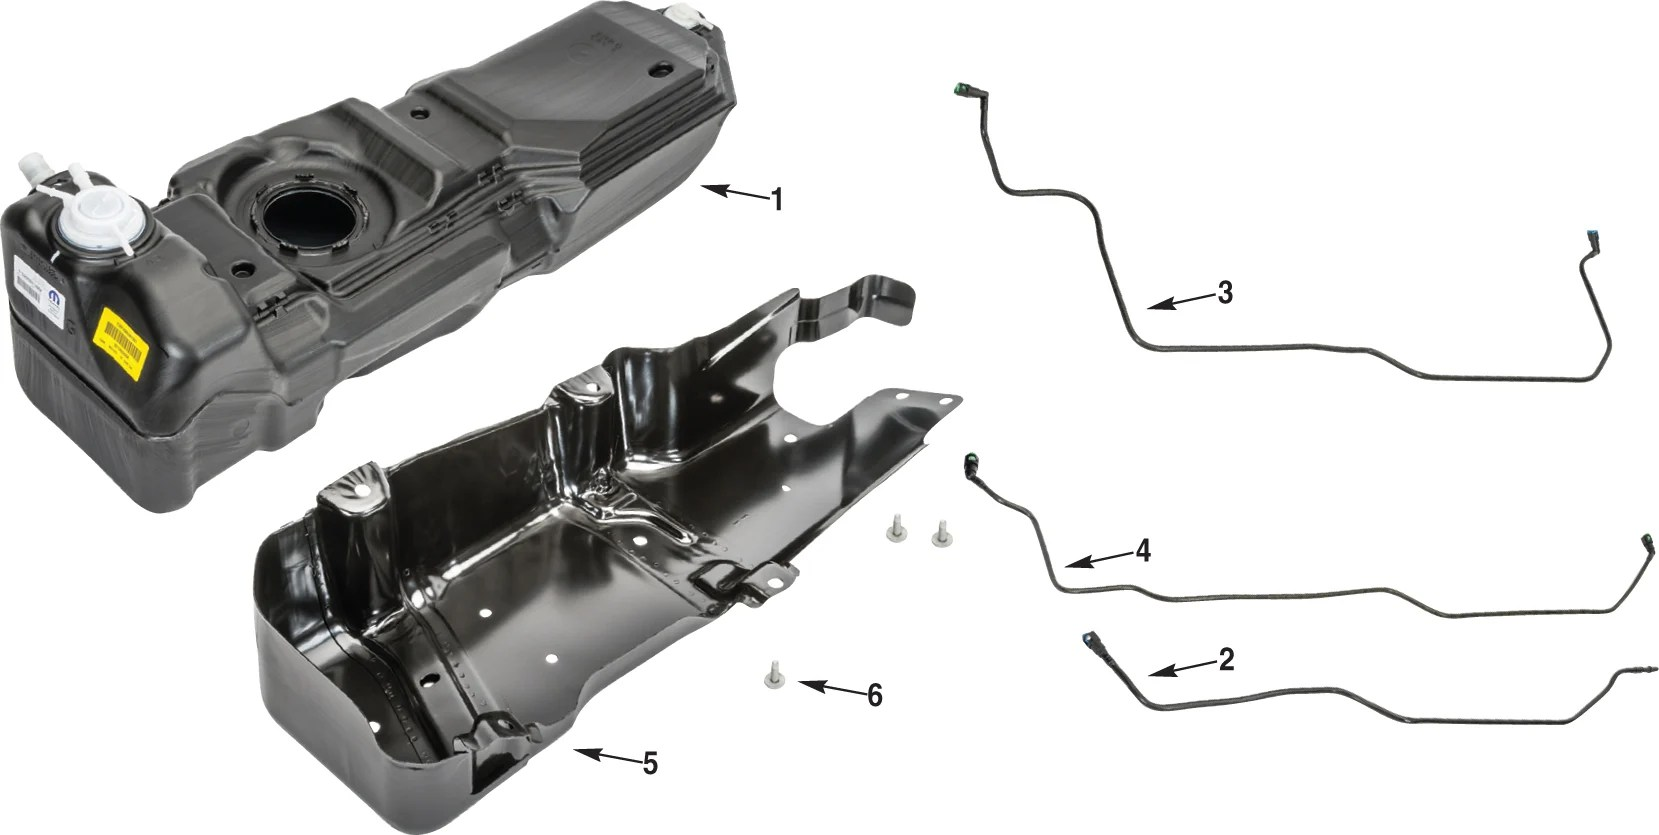 2006 Jeep Liberty Parts Diagram